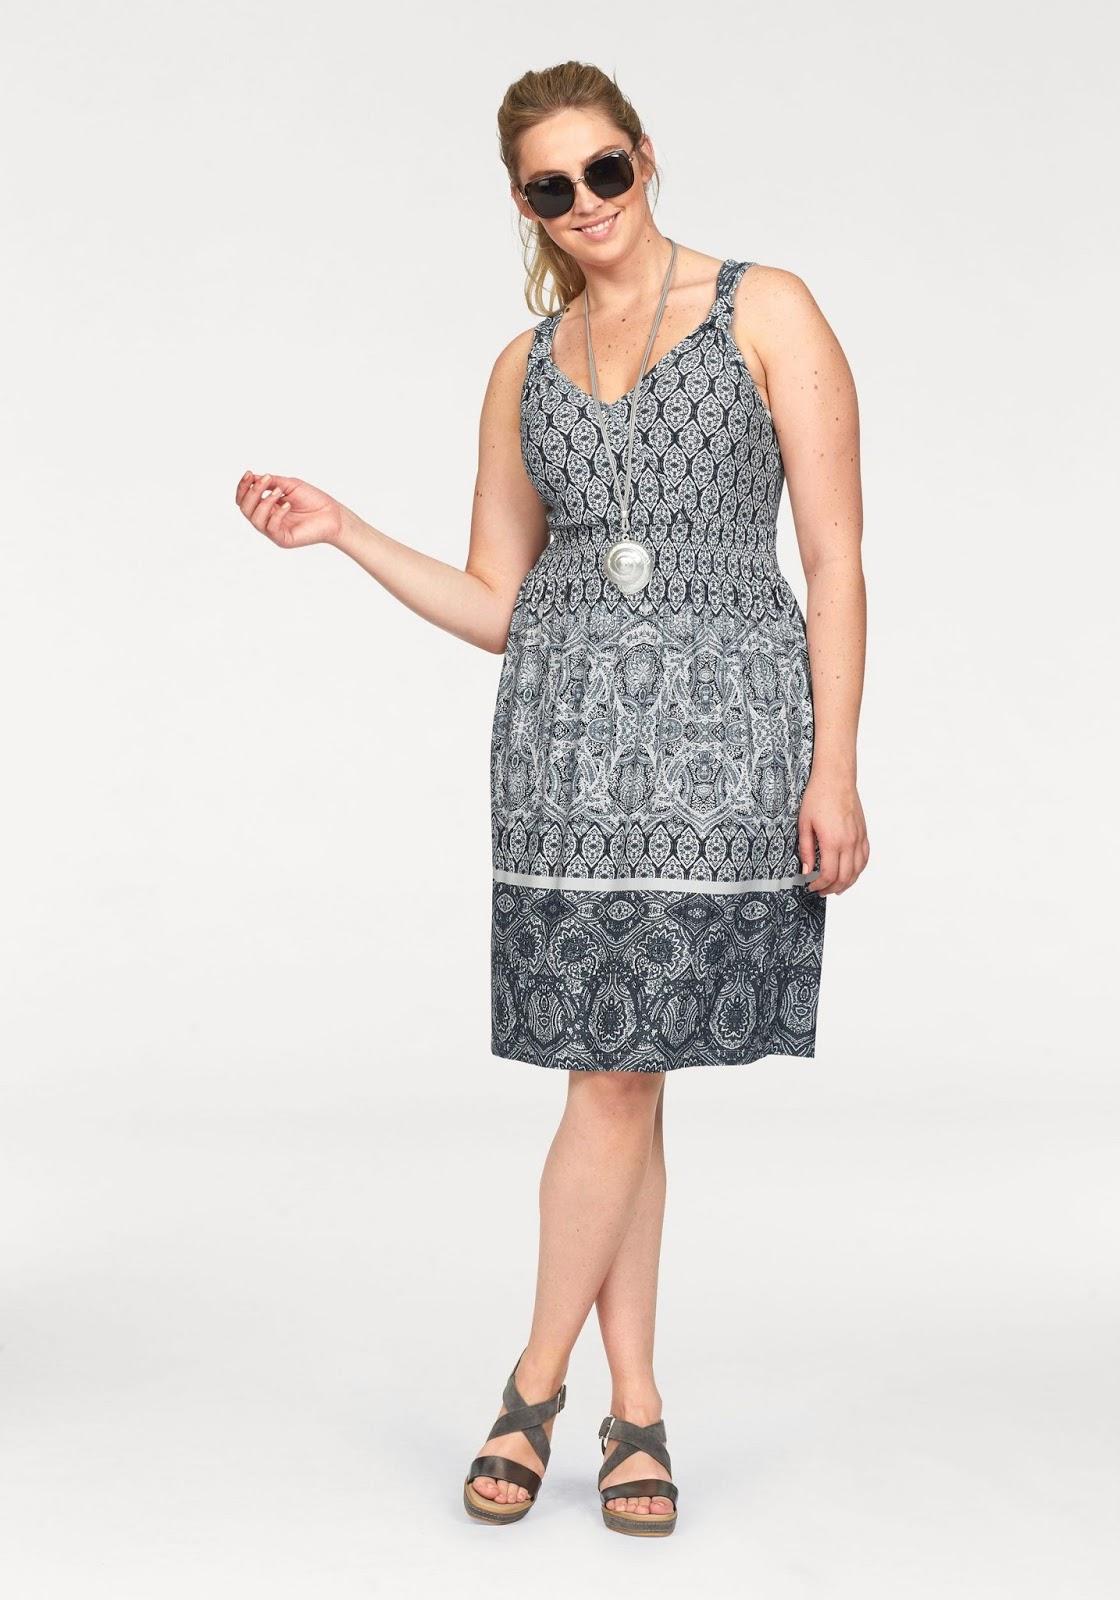 Welches Kleid macht schlank und kaschiert einen Bauch?